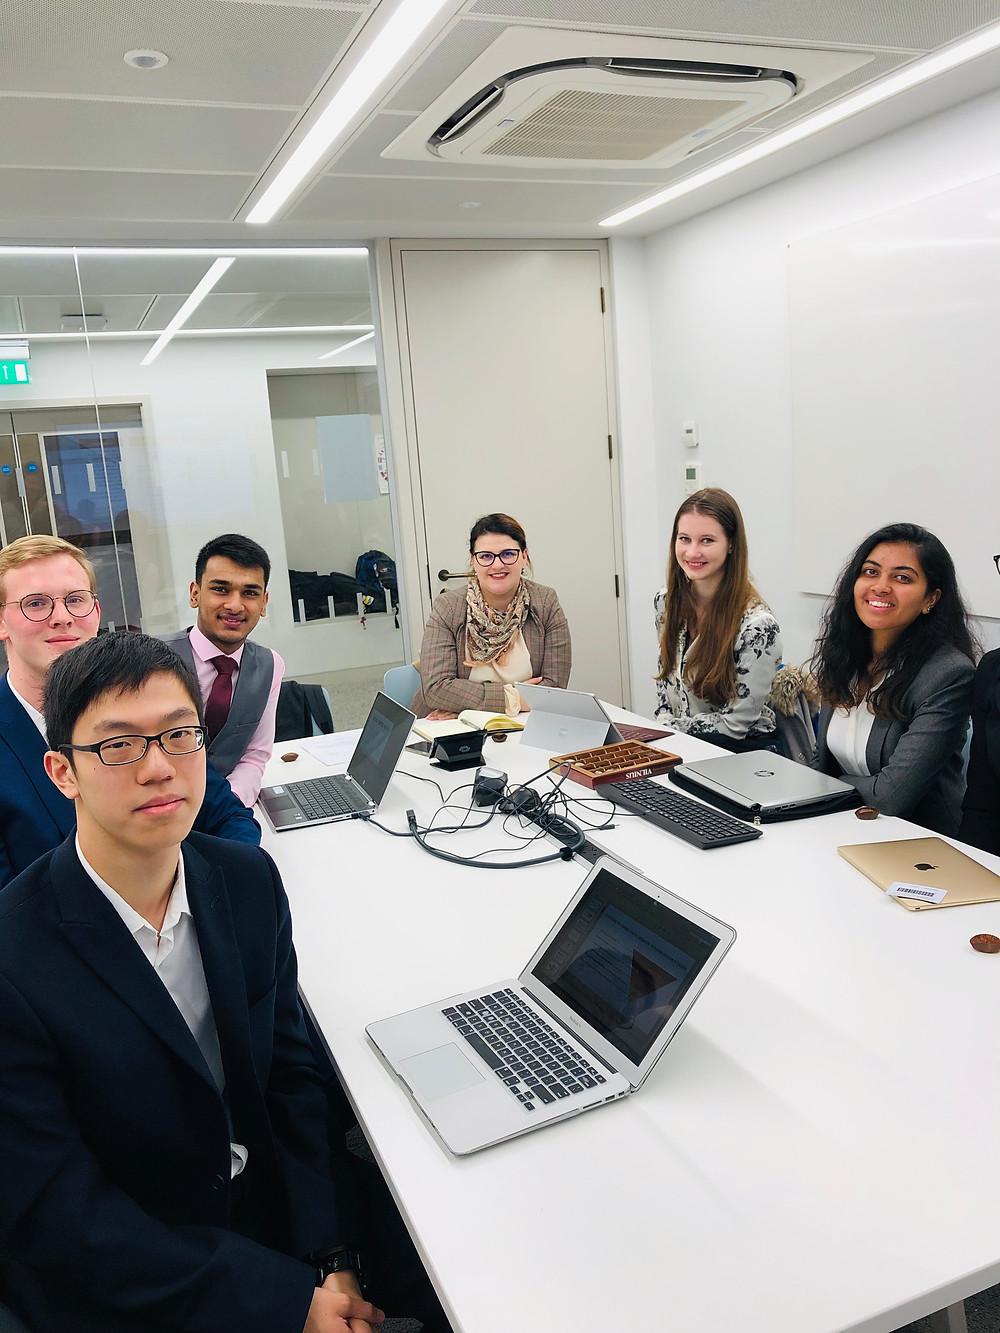 London Strategic Consulting team